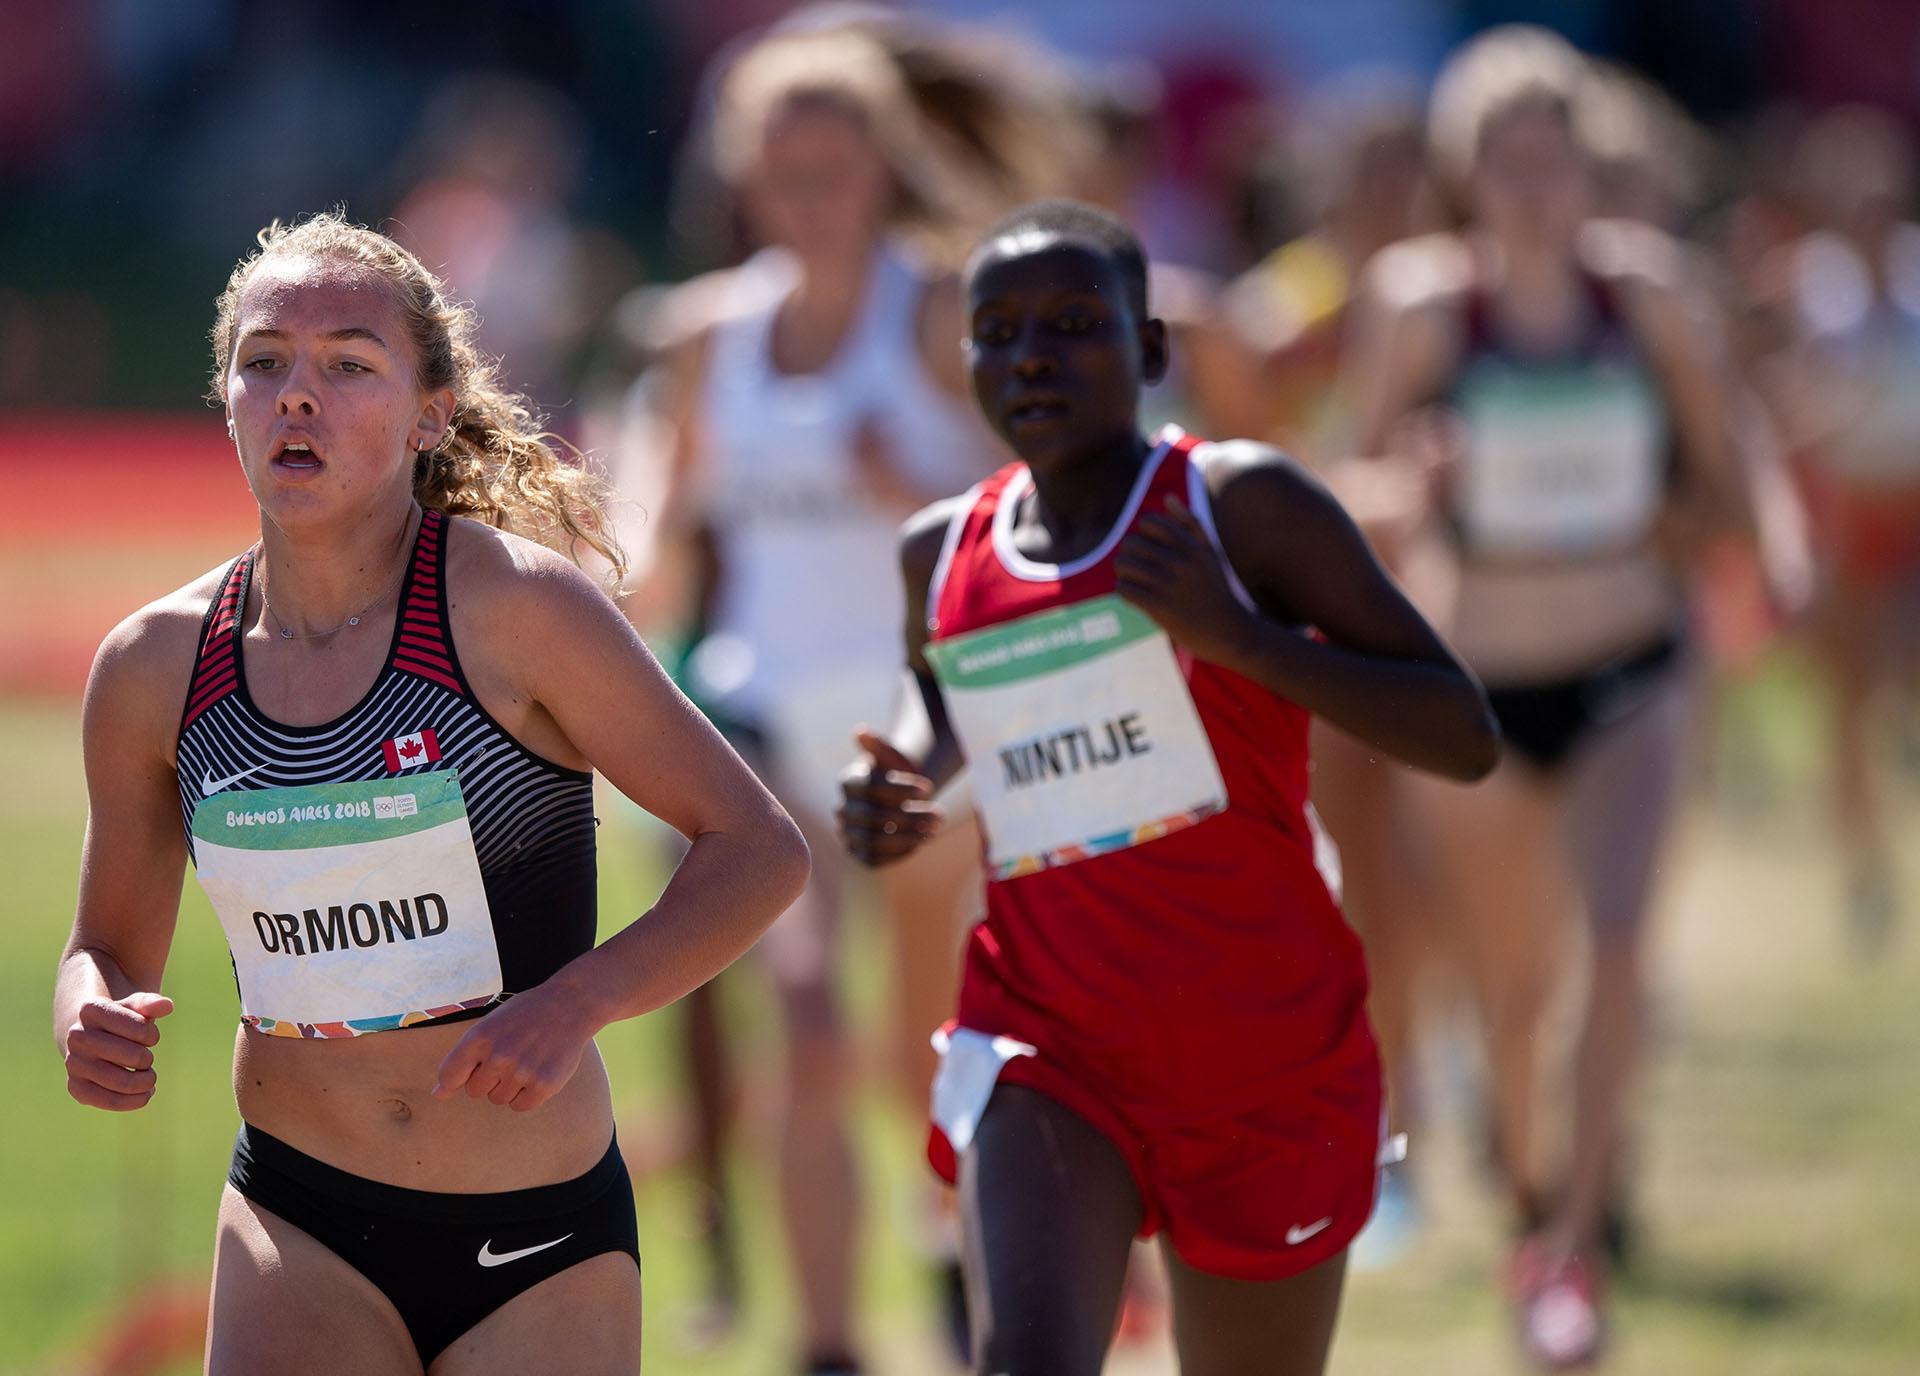 La canadiense Cameron Ormond, en la final de la prueba de Atletismo Femenino en el Parque Olímpico de la Juventud(REUTERS)